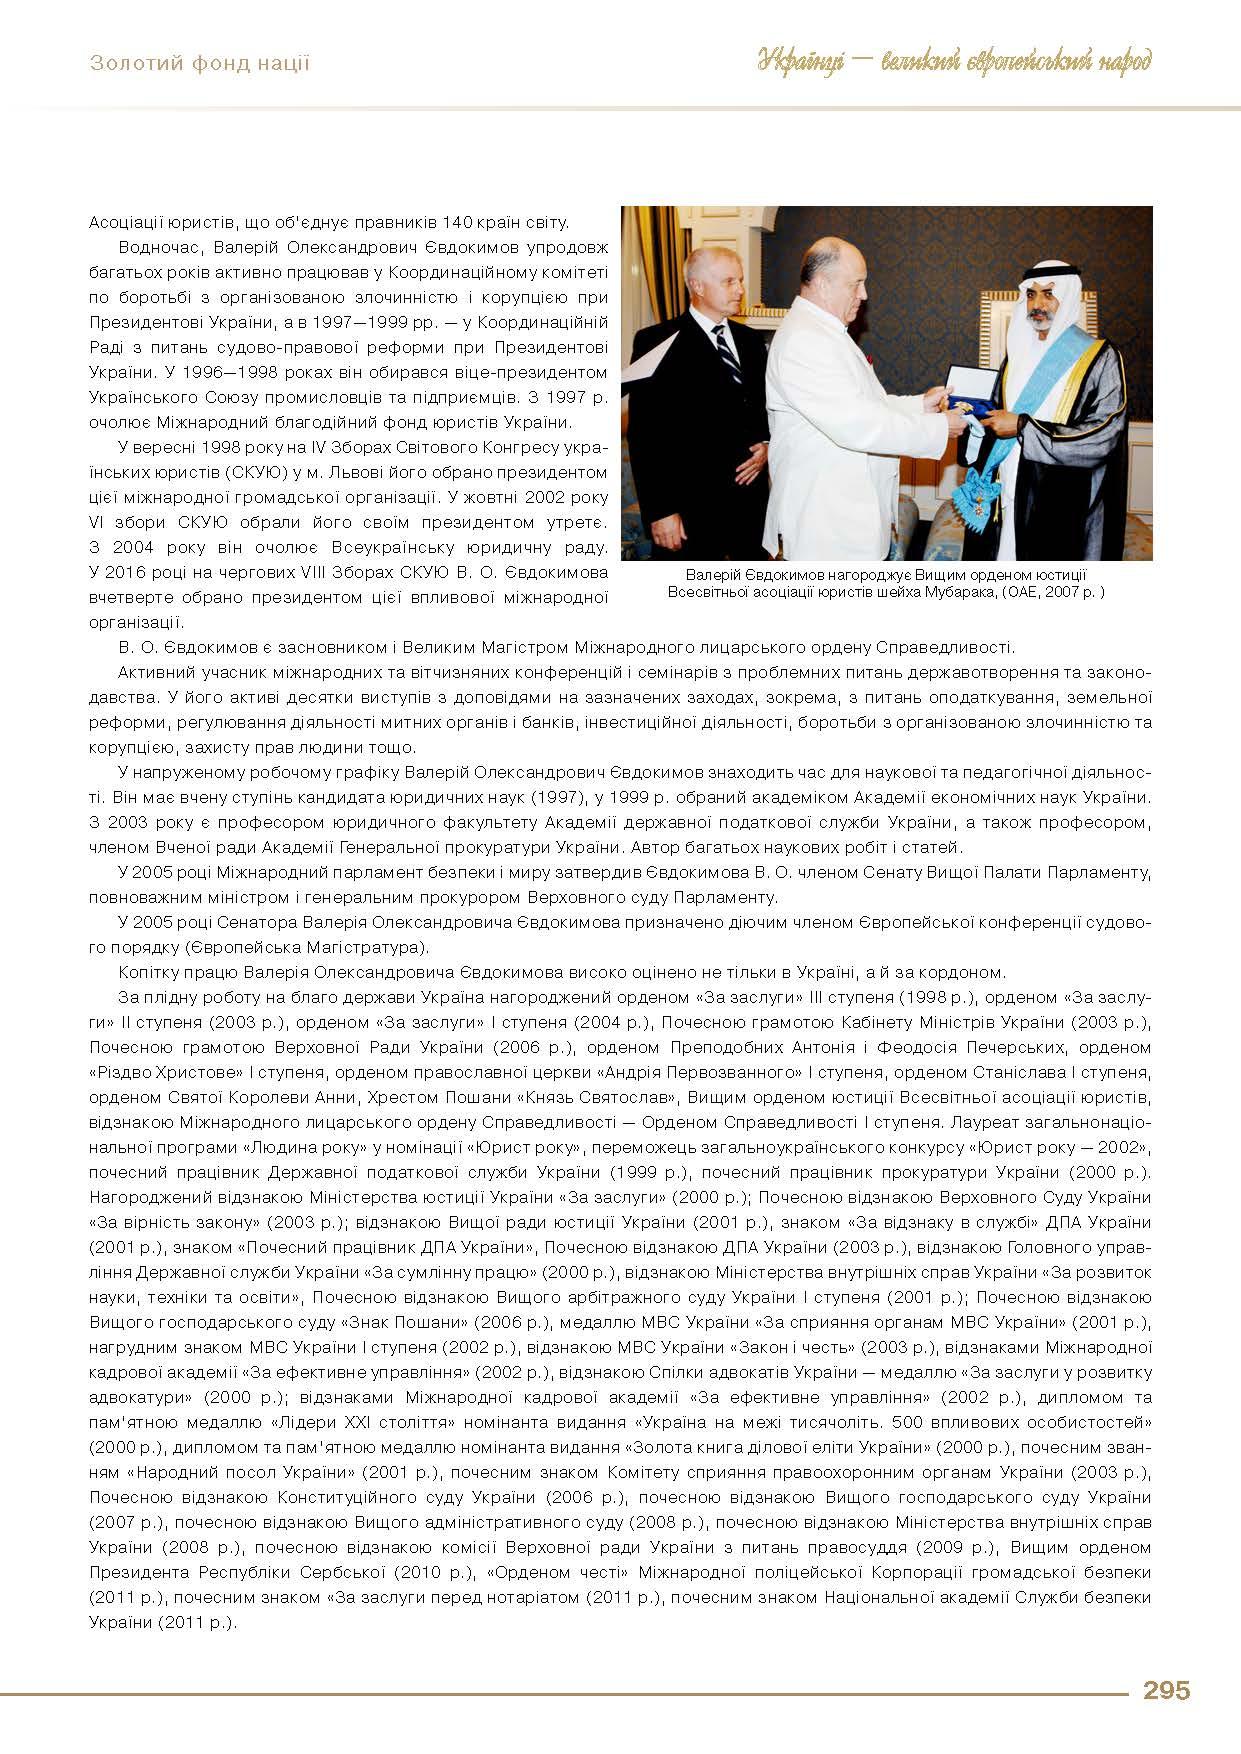 Євдокимов Валерій Олександрович